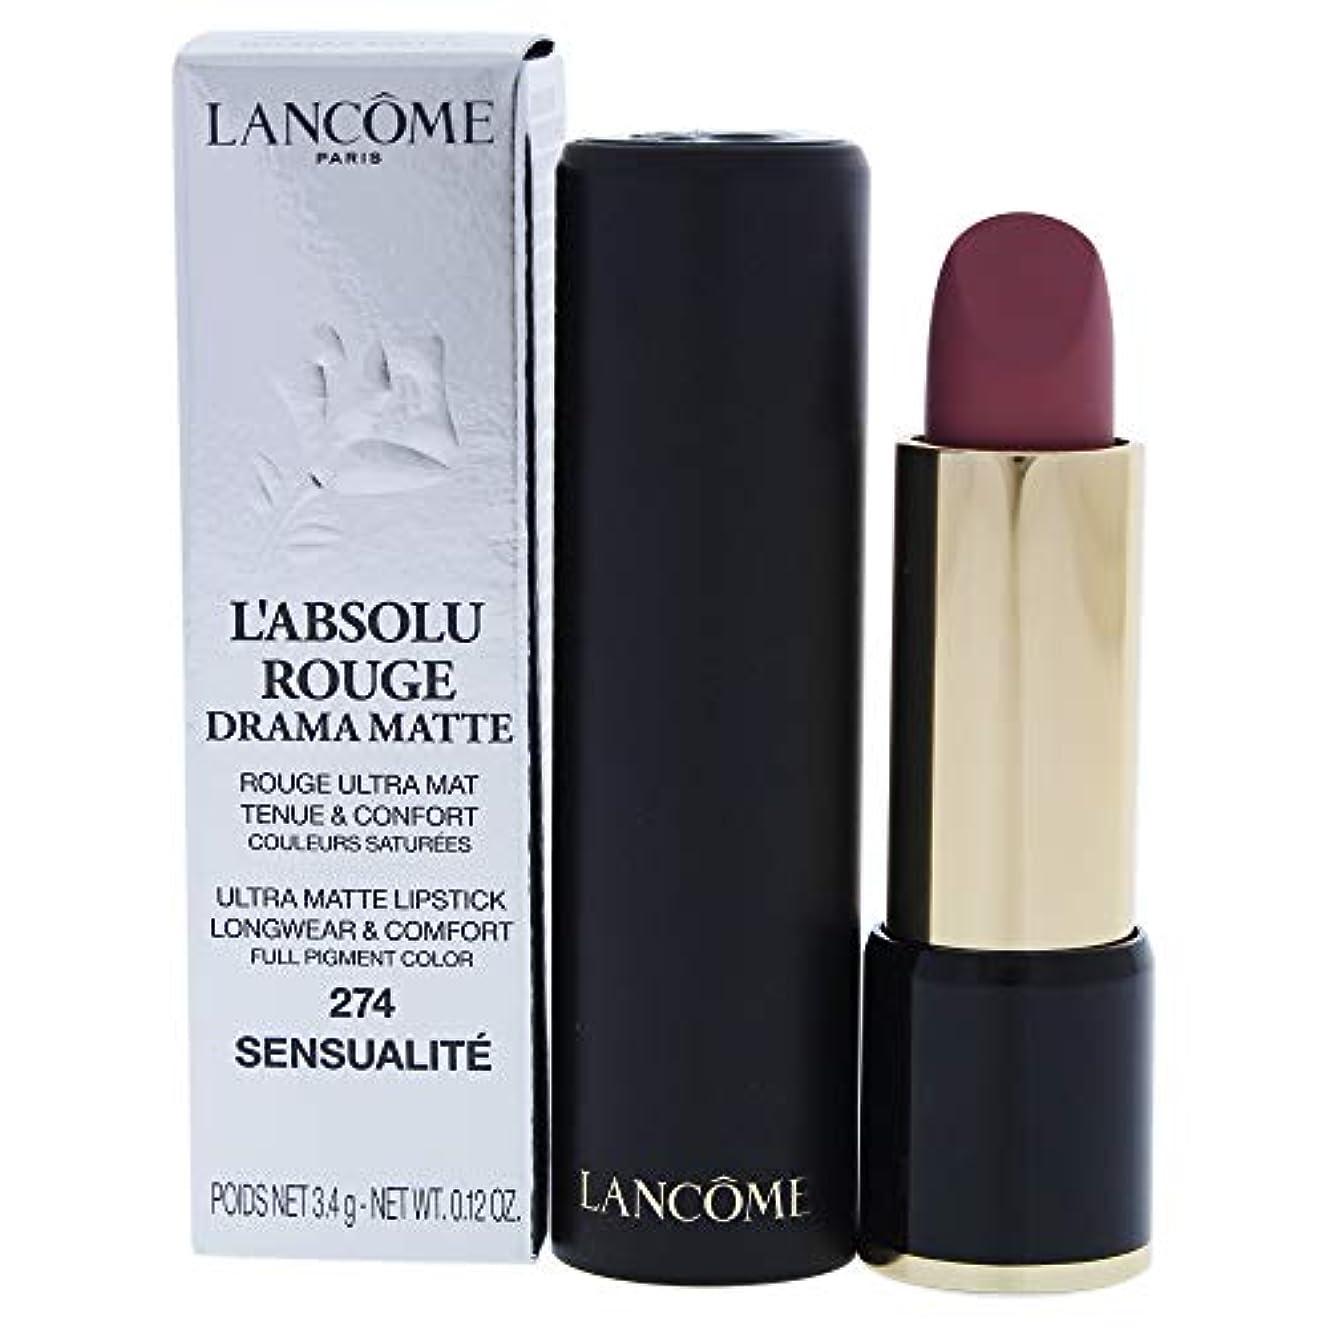 ペック普遍的な始めるランコム L'Absolu Rouge Drama Matte Lipstick - # 274 Sensualit?L8021200 3.4g/0.12oz並行輸入品